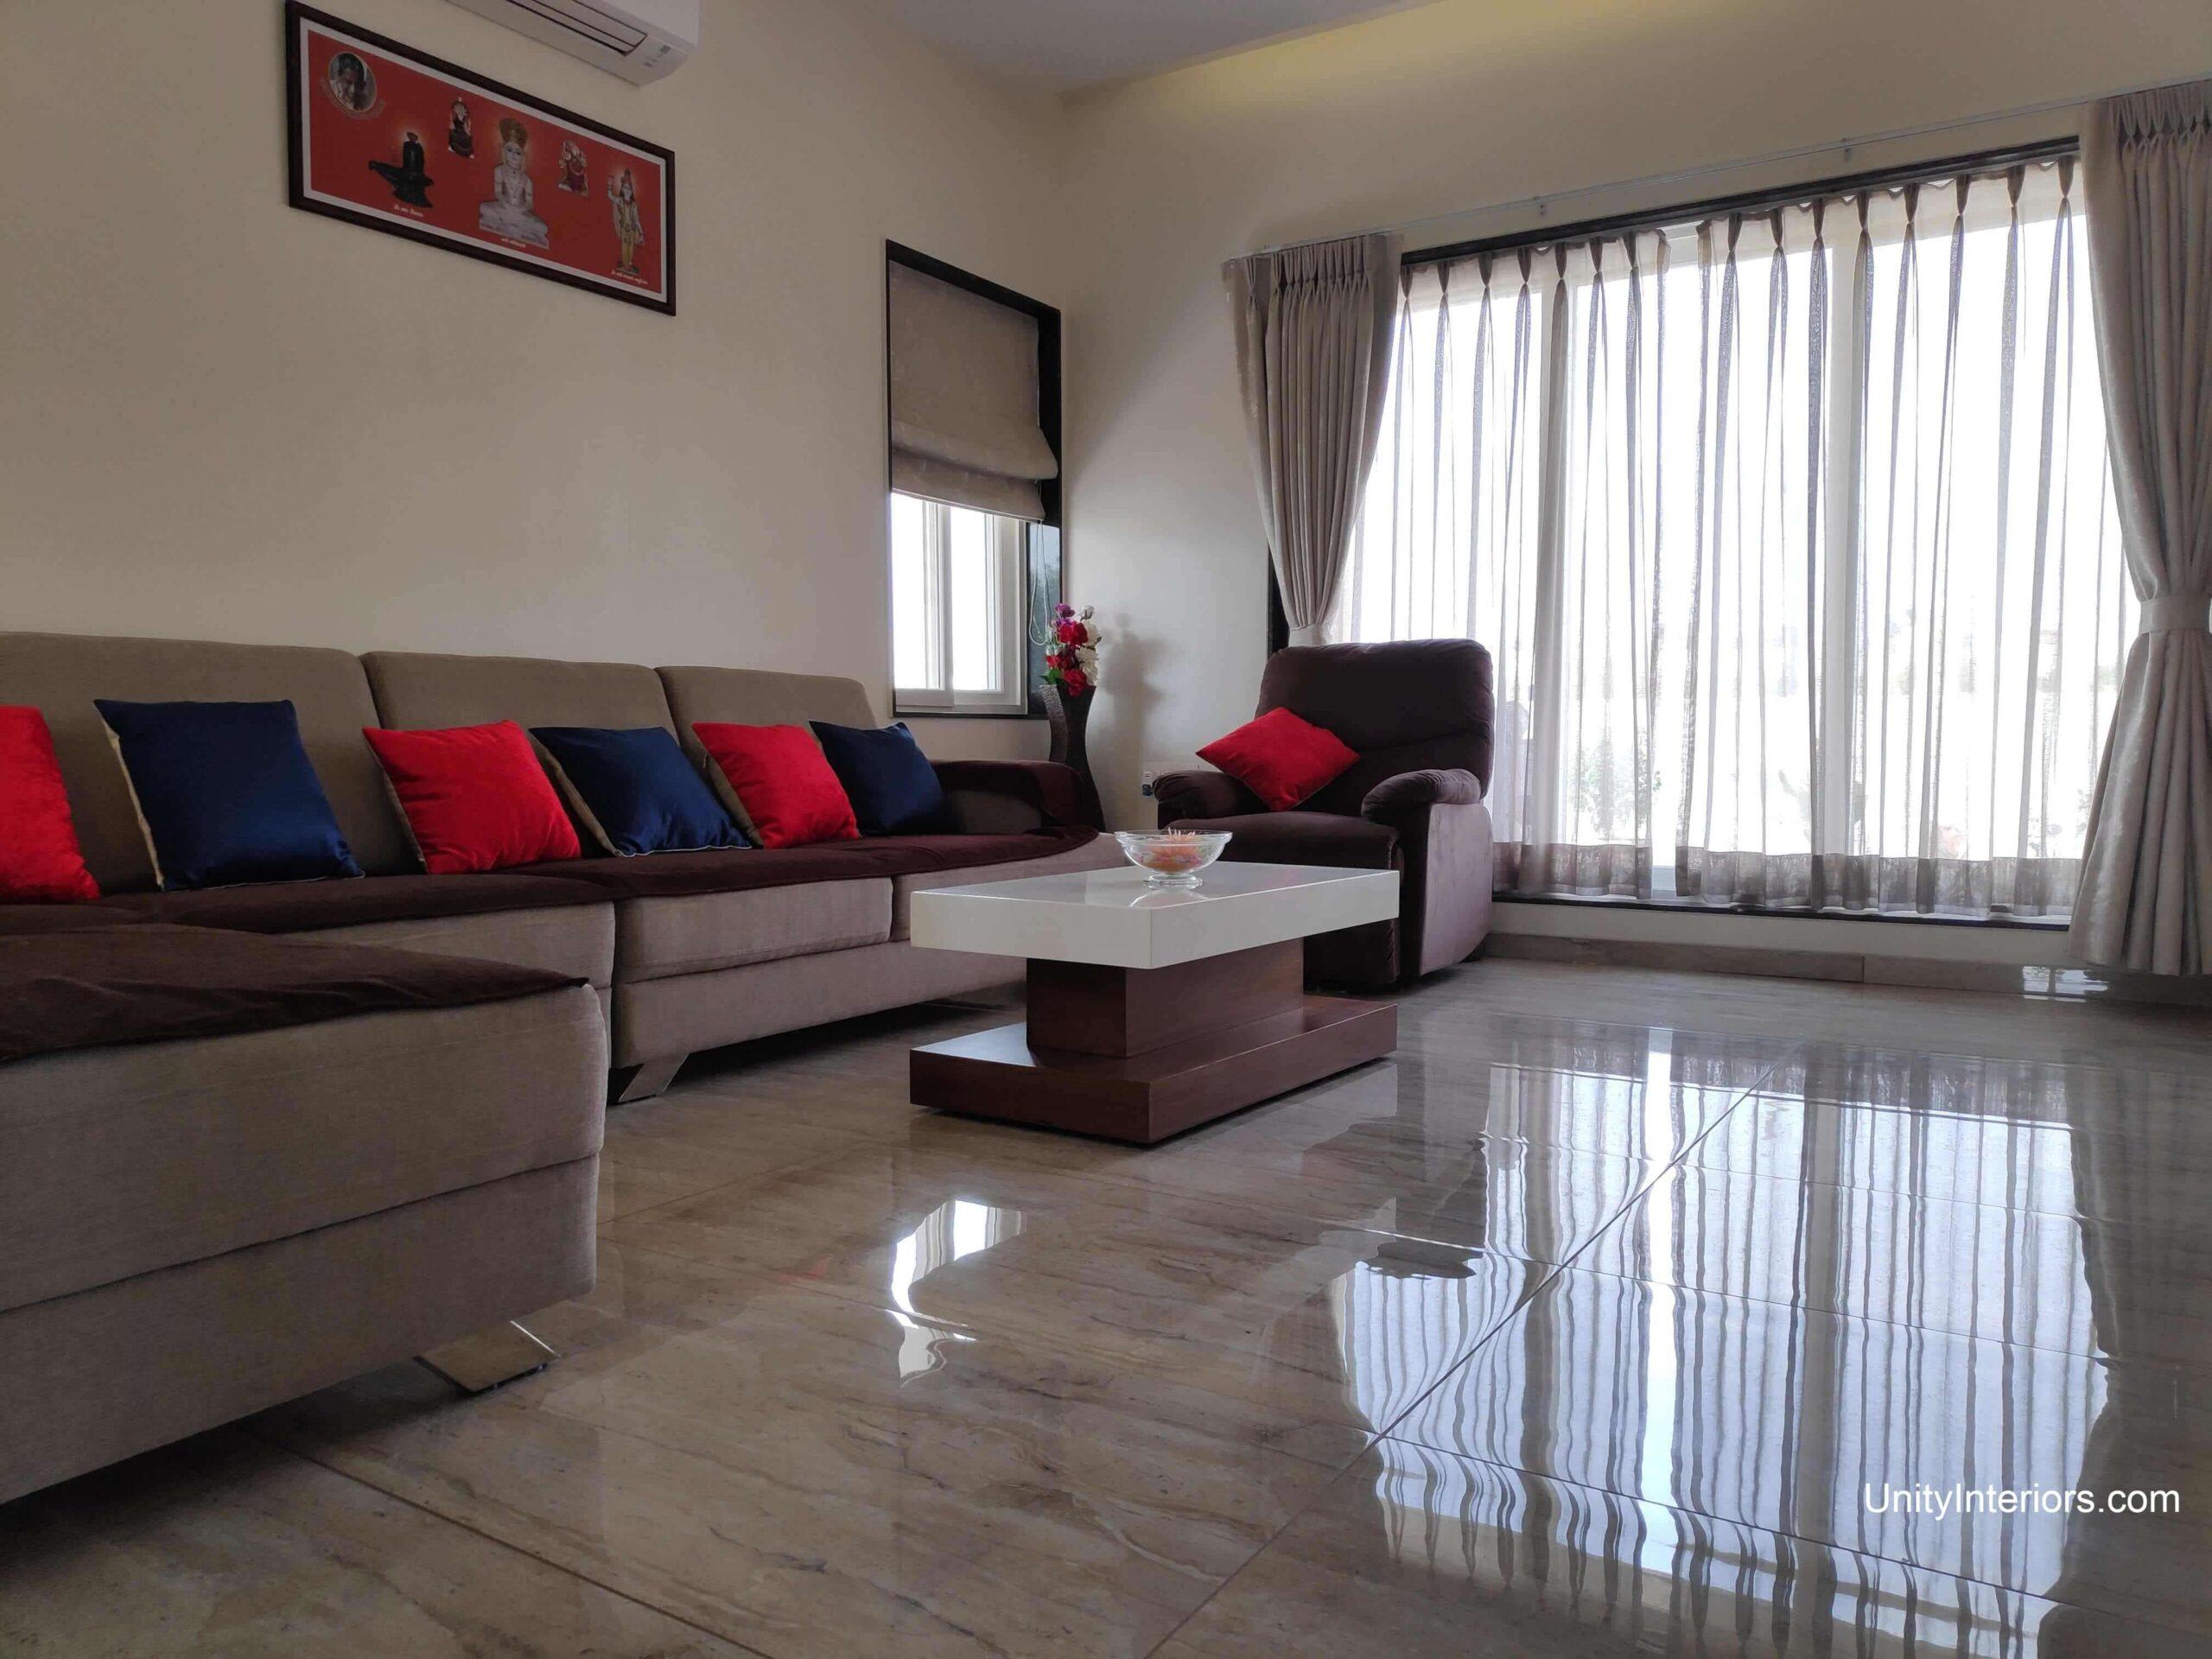 Unity Interiors, Interior Designing in Ahmedabad